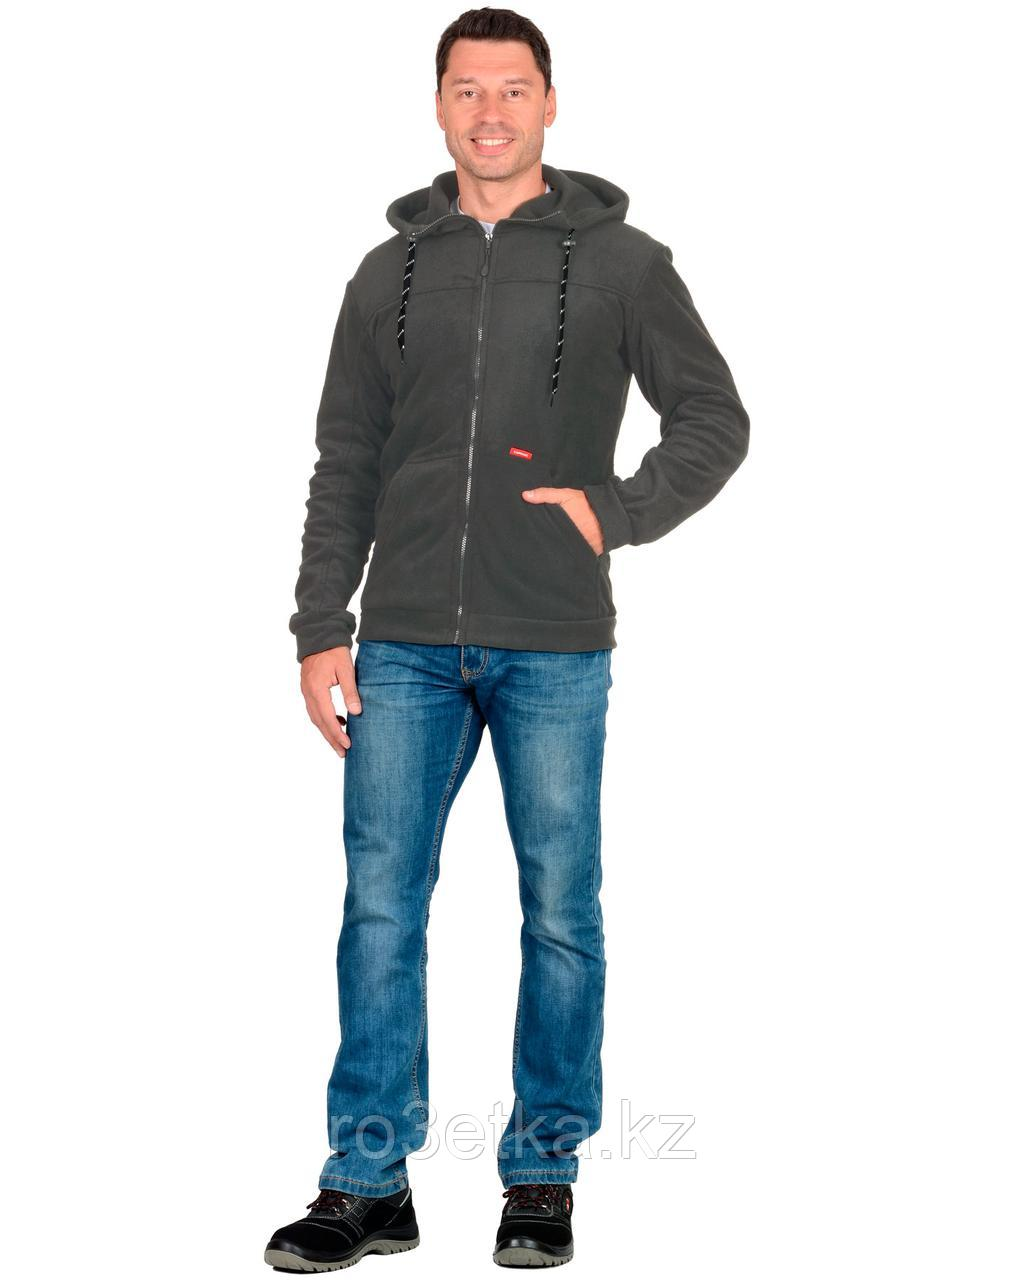 """Куртка флисовая """"Меркурий"""" цв. серый"""